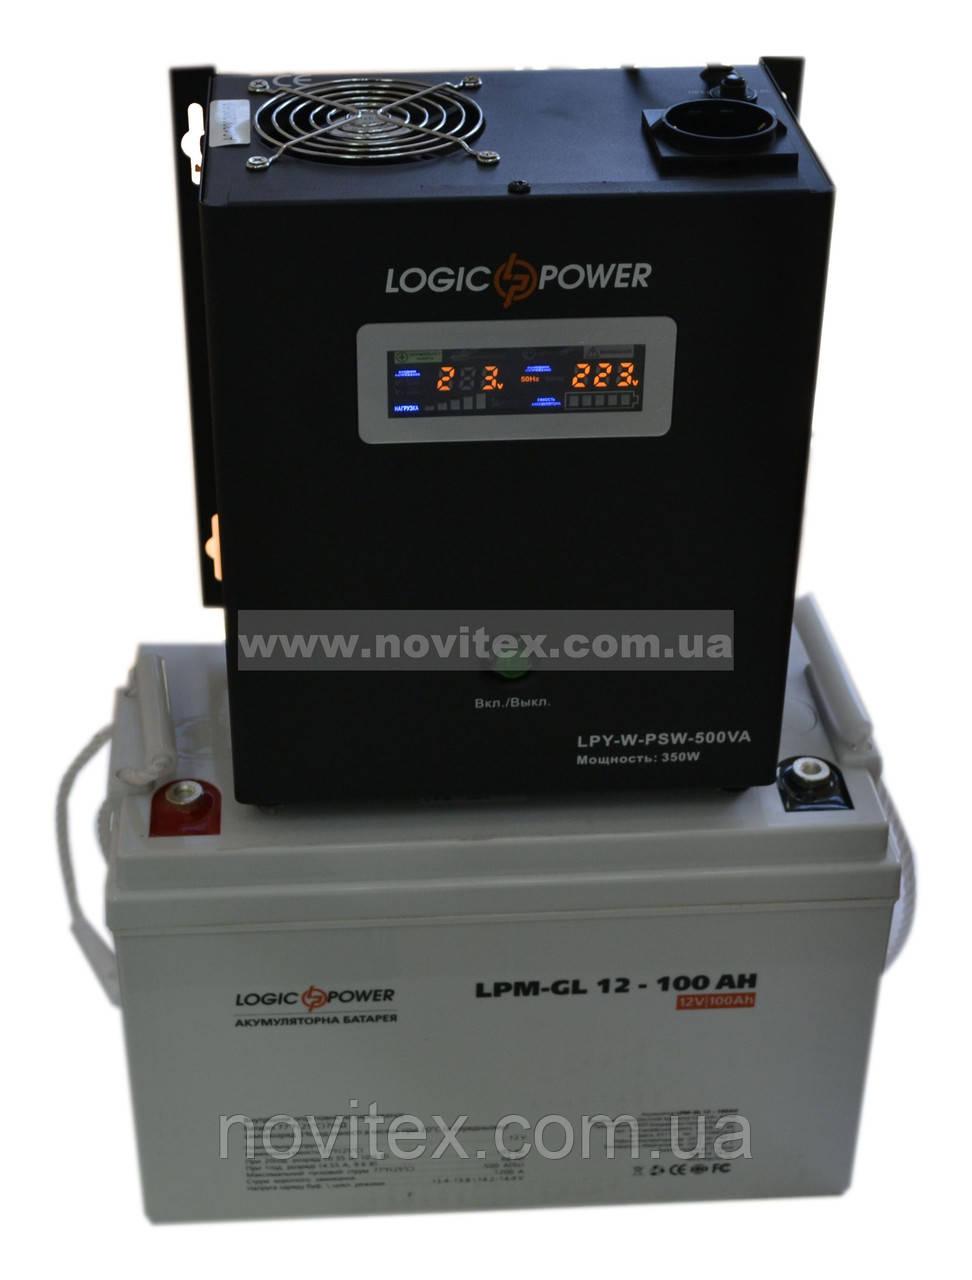 Комплект резервного питания ИБП Logicpower LPY-W-PSW-500 + АКБ LP-GL100